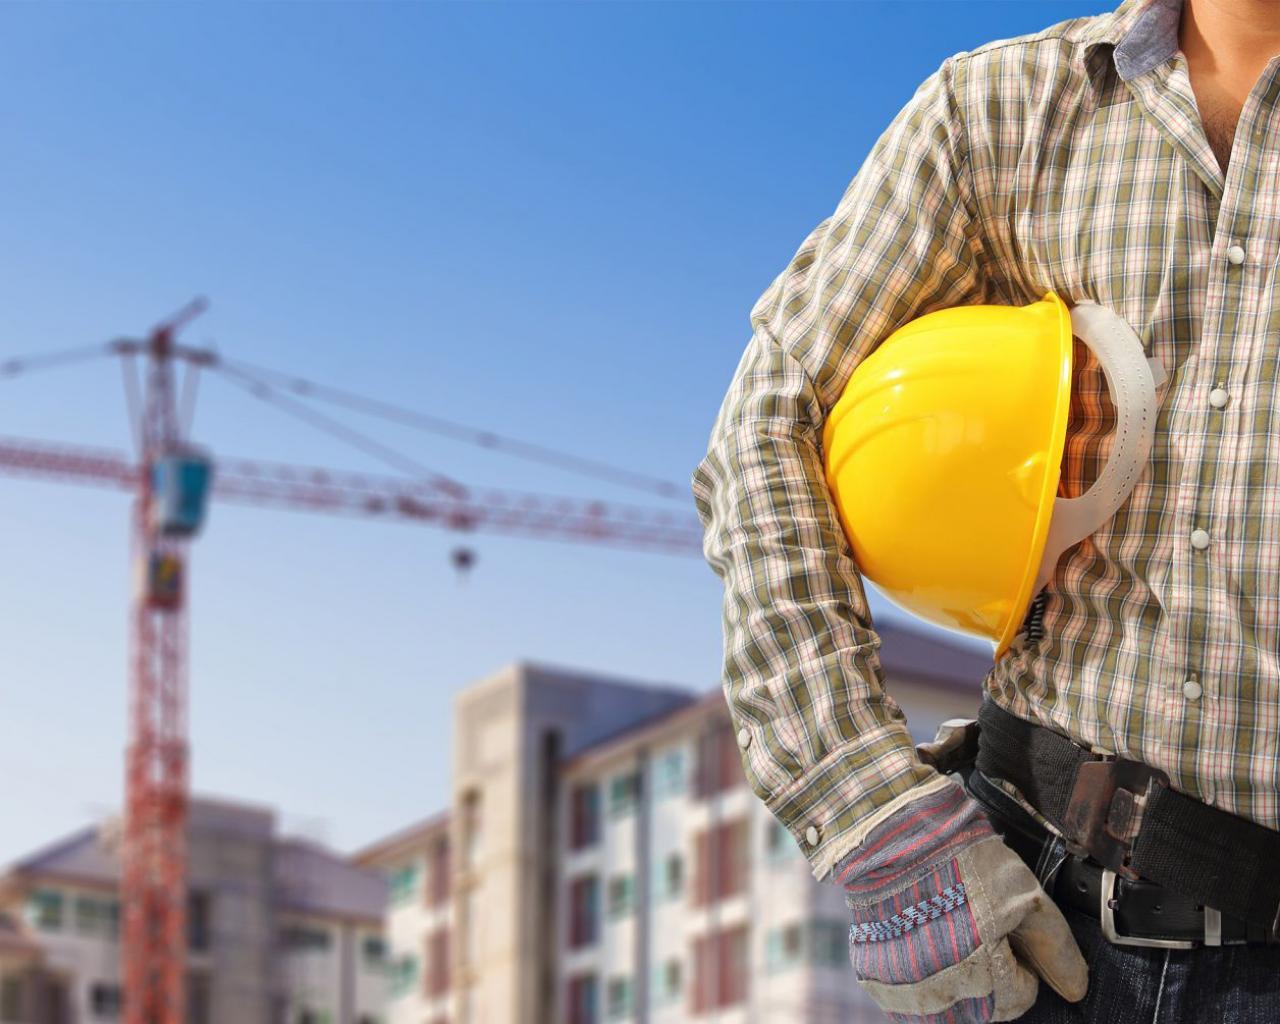 Робота в Польщі для чоловіків на будівництво 14 зл/год